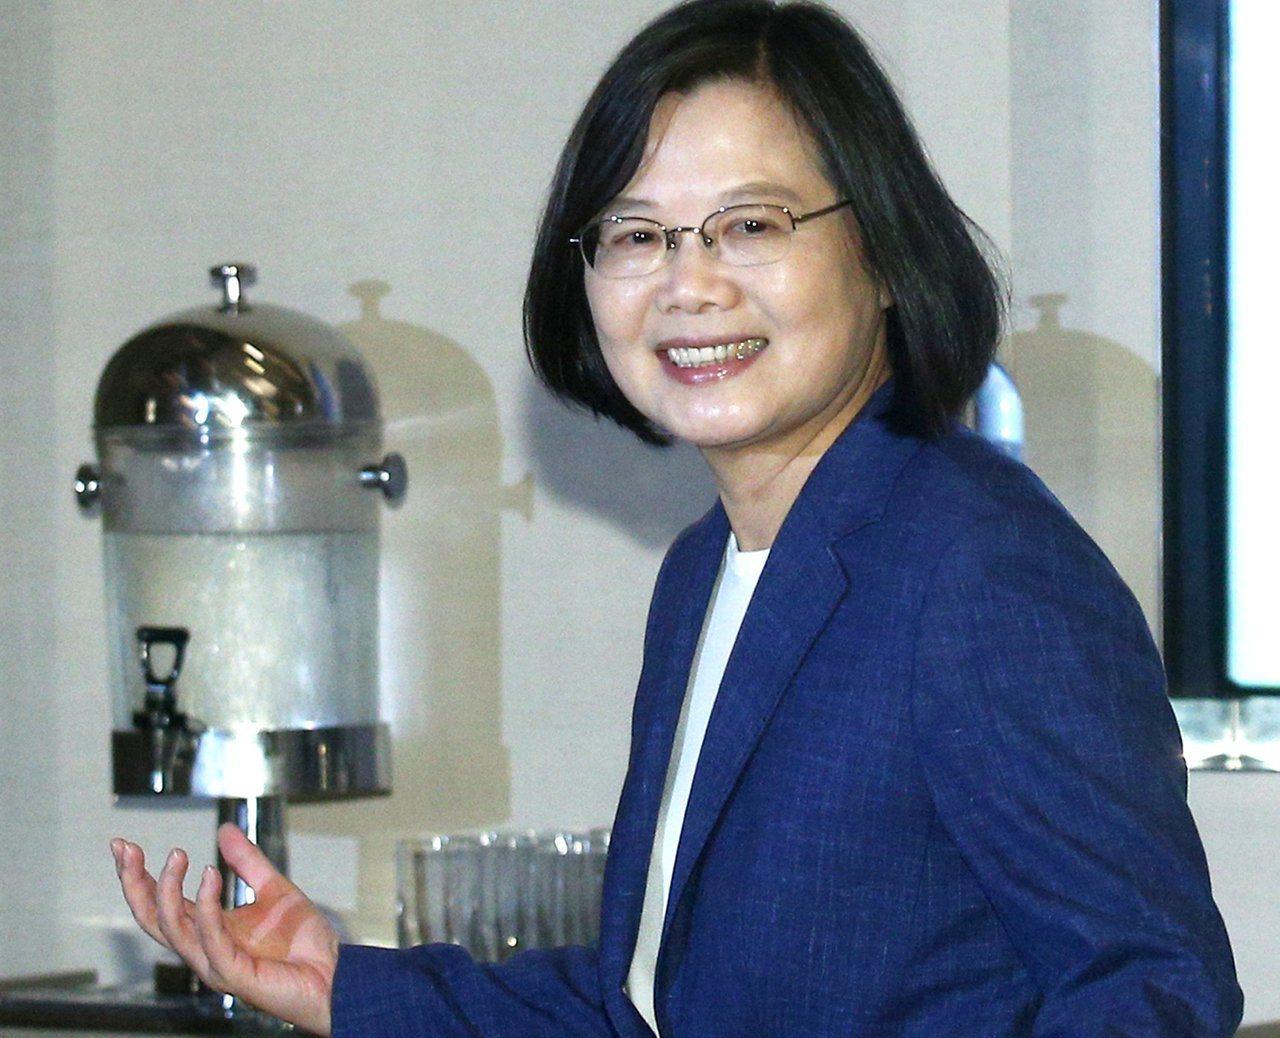 台灣民意基金會發佈民調,指出若蔡英文總統與高雄市長韓國瑜在明年總統大選一對一對決...